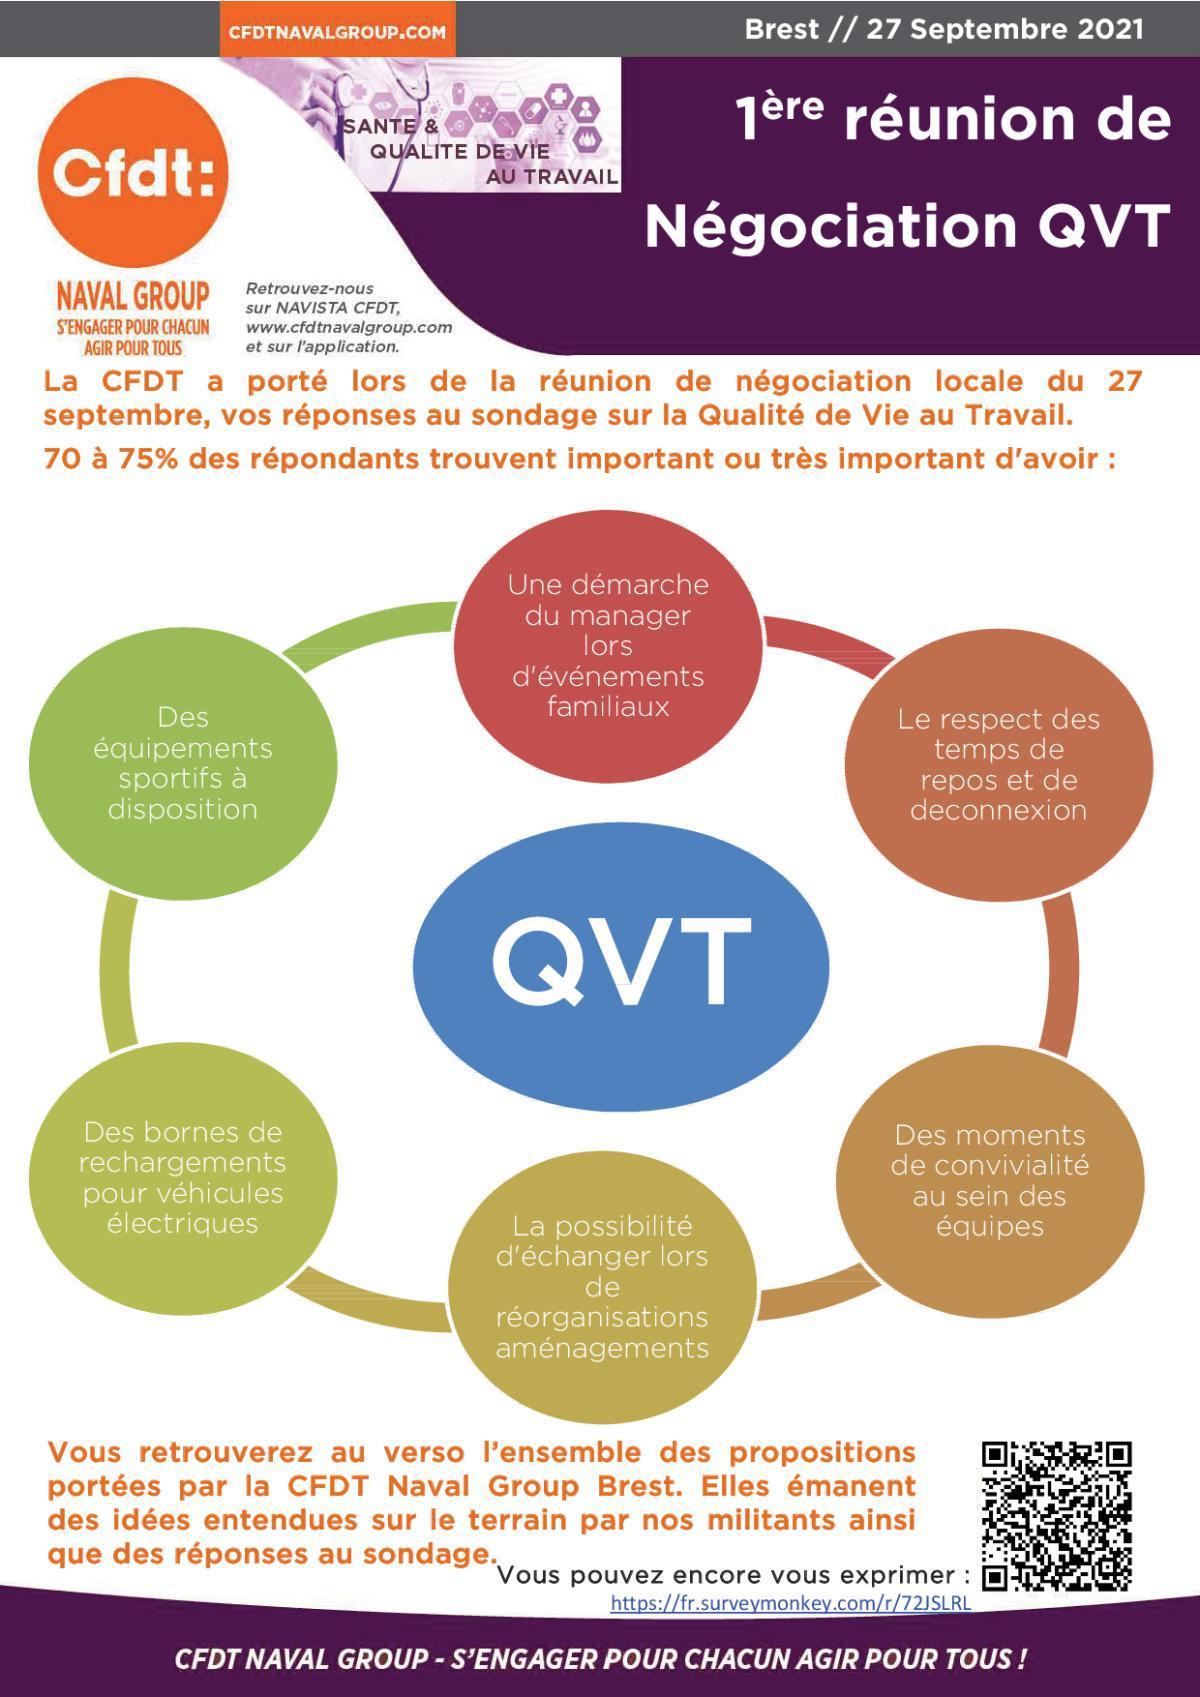 1ere réunion de négo QVT Brest